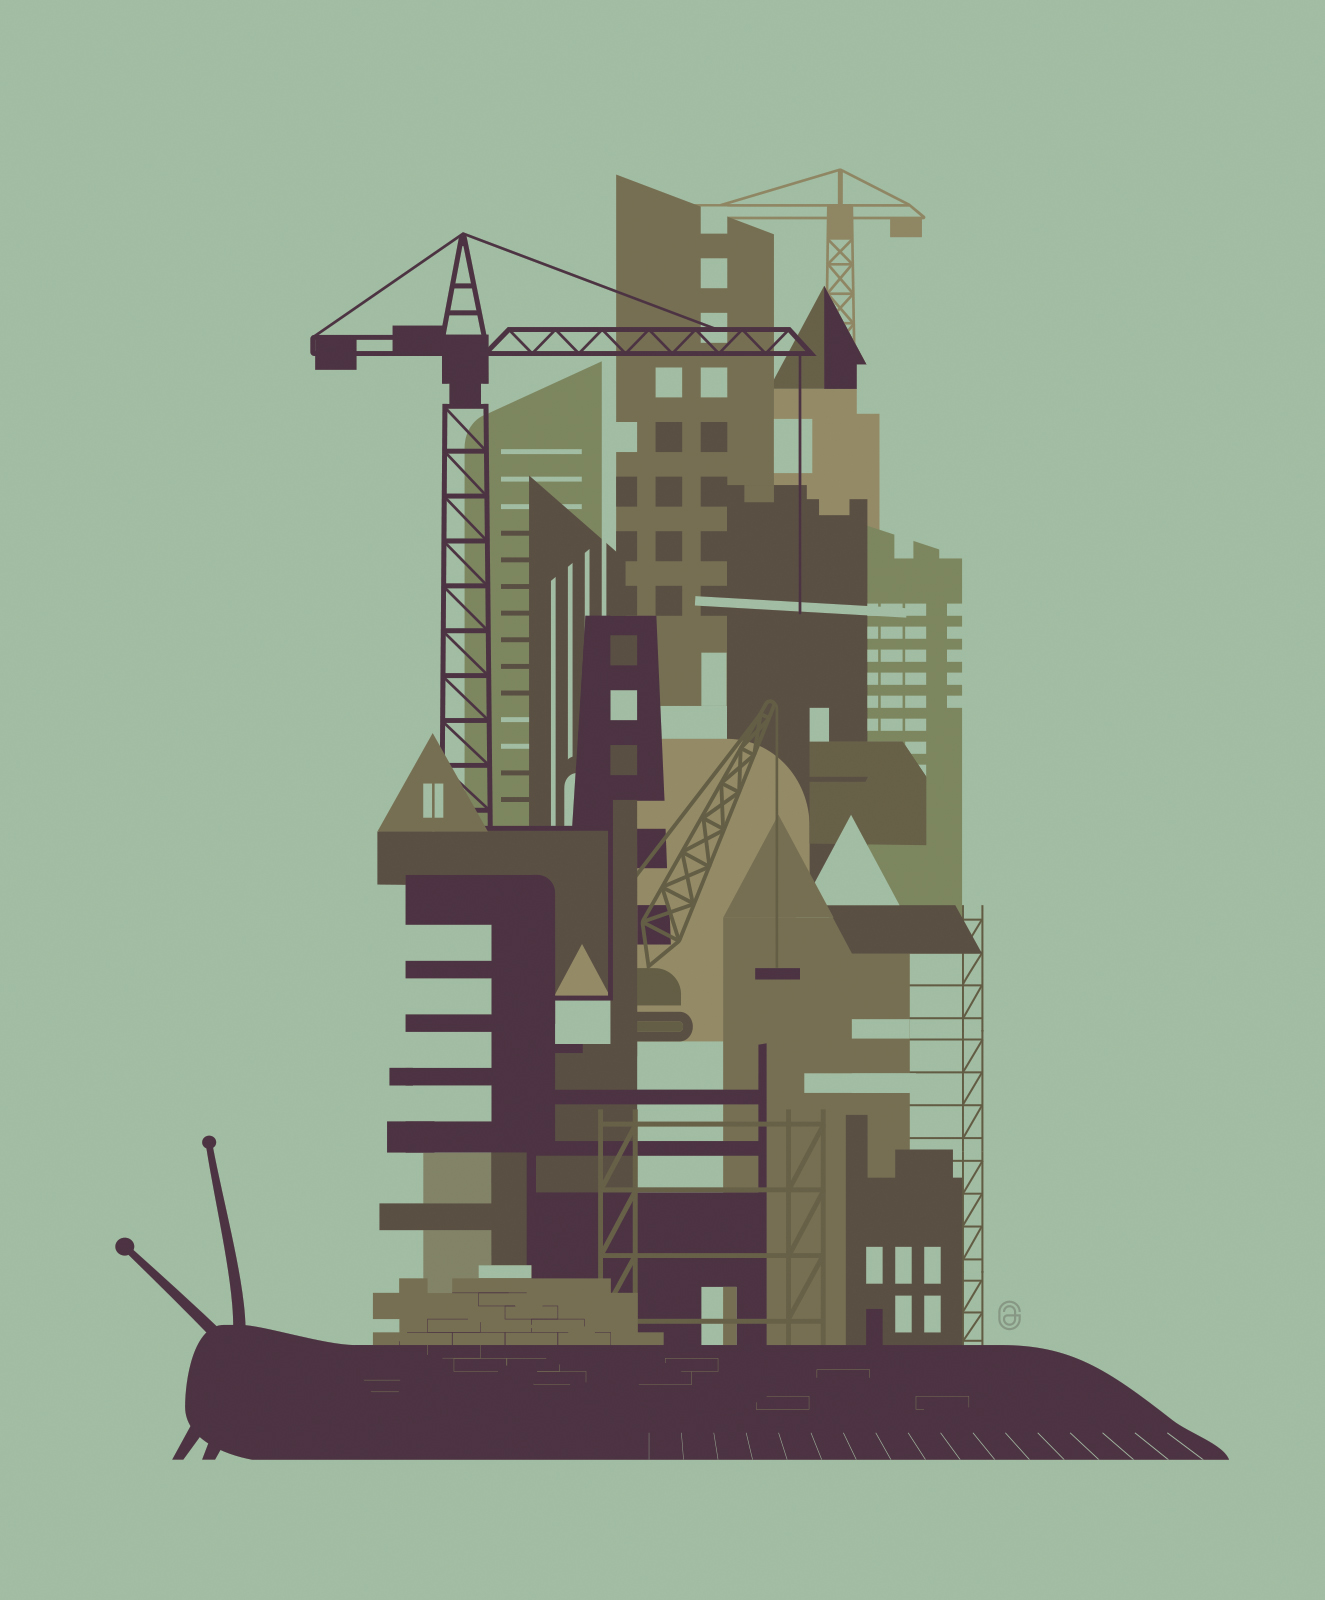 Aad Goudappel / Housing Policy / Publiek Denken